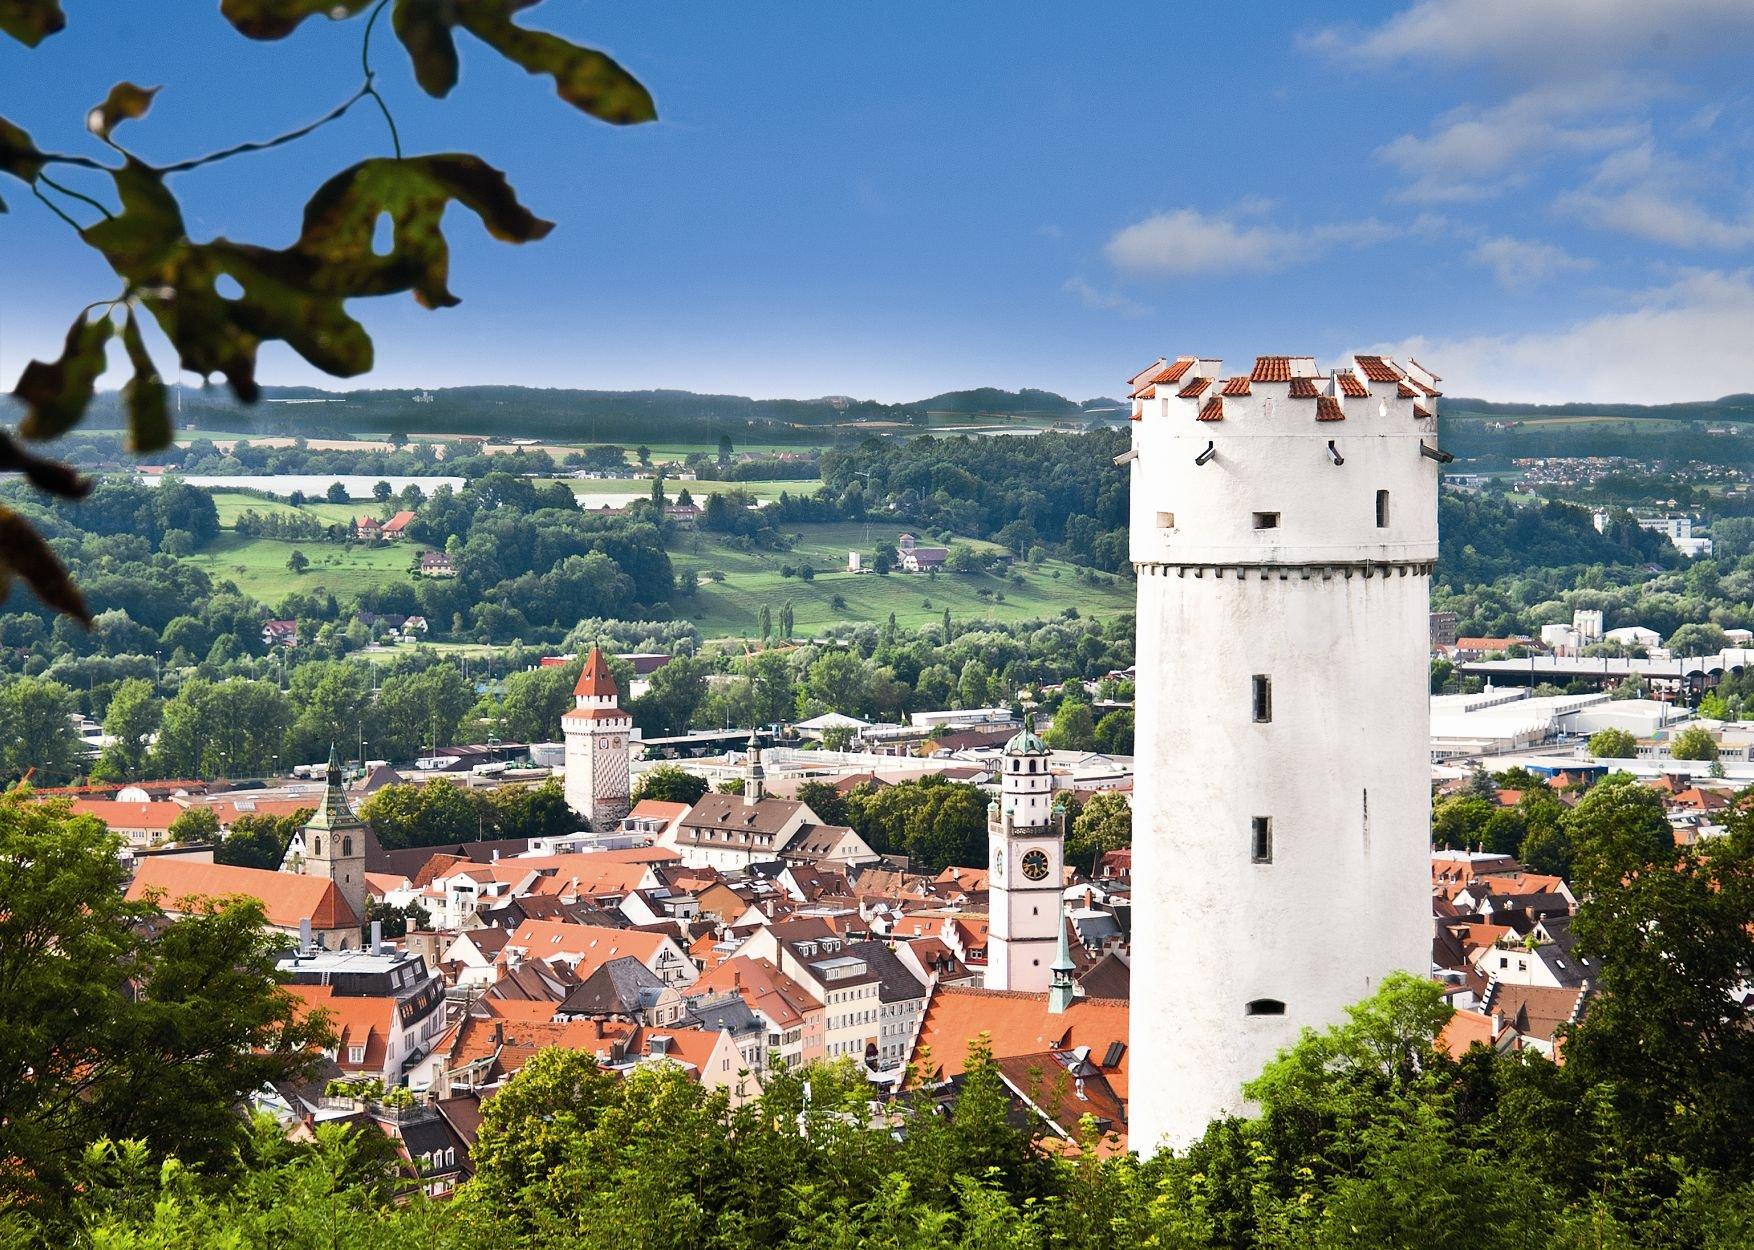 Der Mehlsack auf der rechten Seite des Bildes mit der historischen Stadt Ravensburg im Hintergrund.